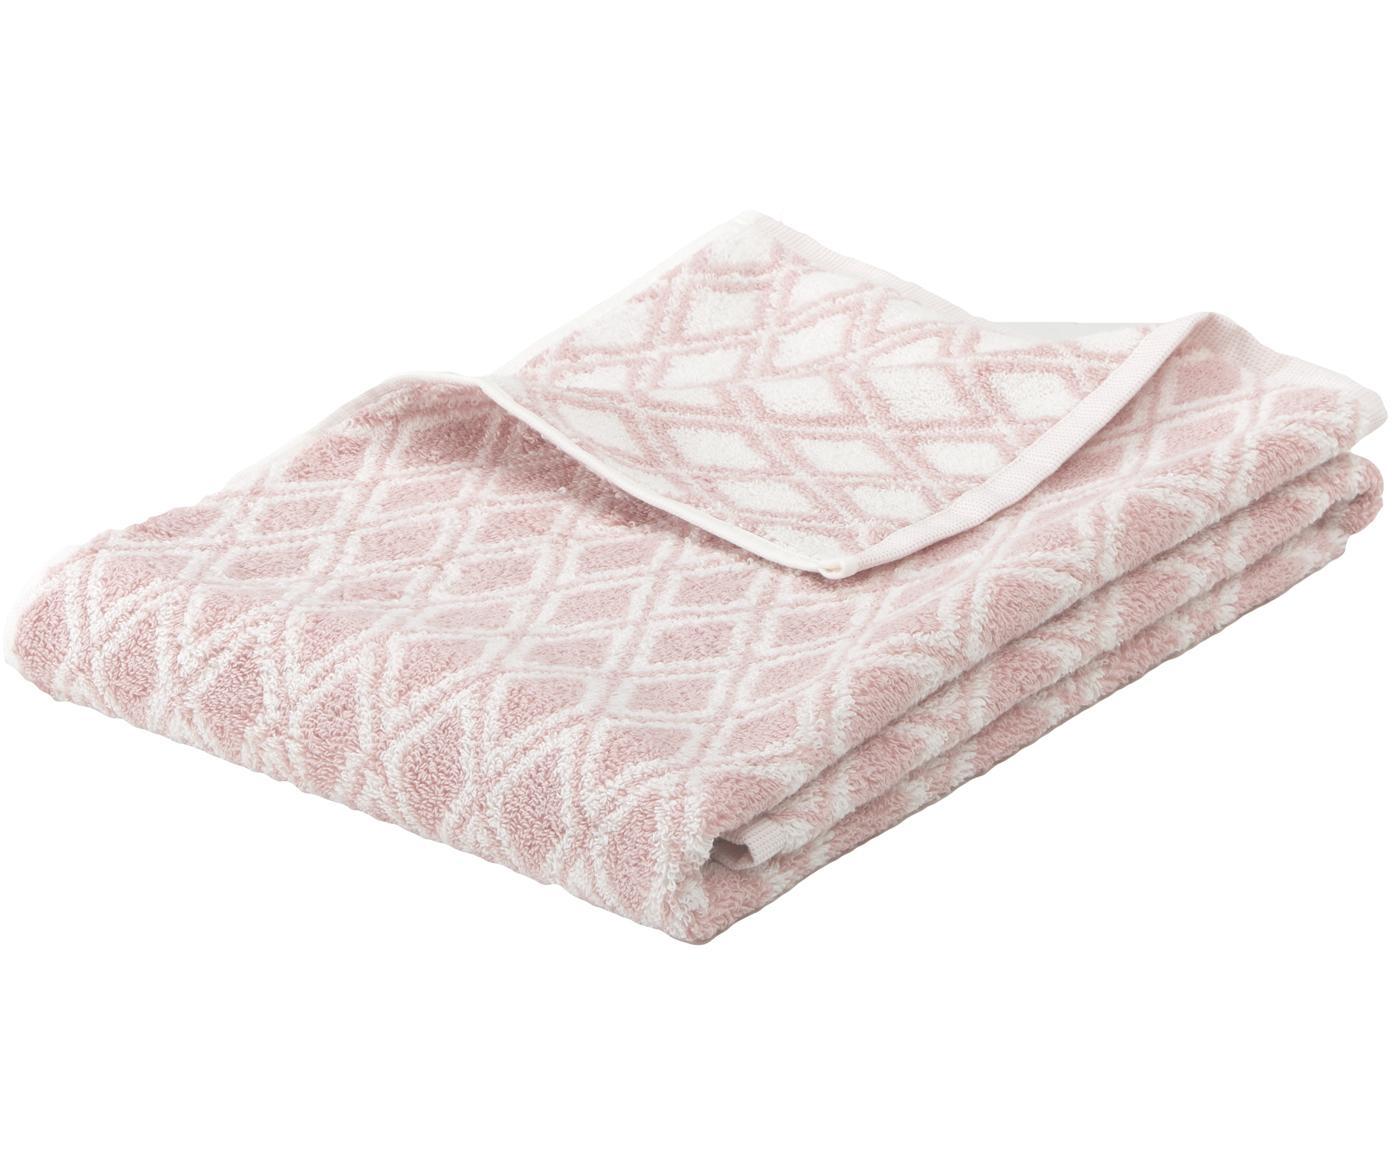 Wende-Handtuch Ava in verschiedenen Größen, mit grafischem Muster, Rosa, Cremeweiß, Handtuch